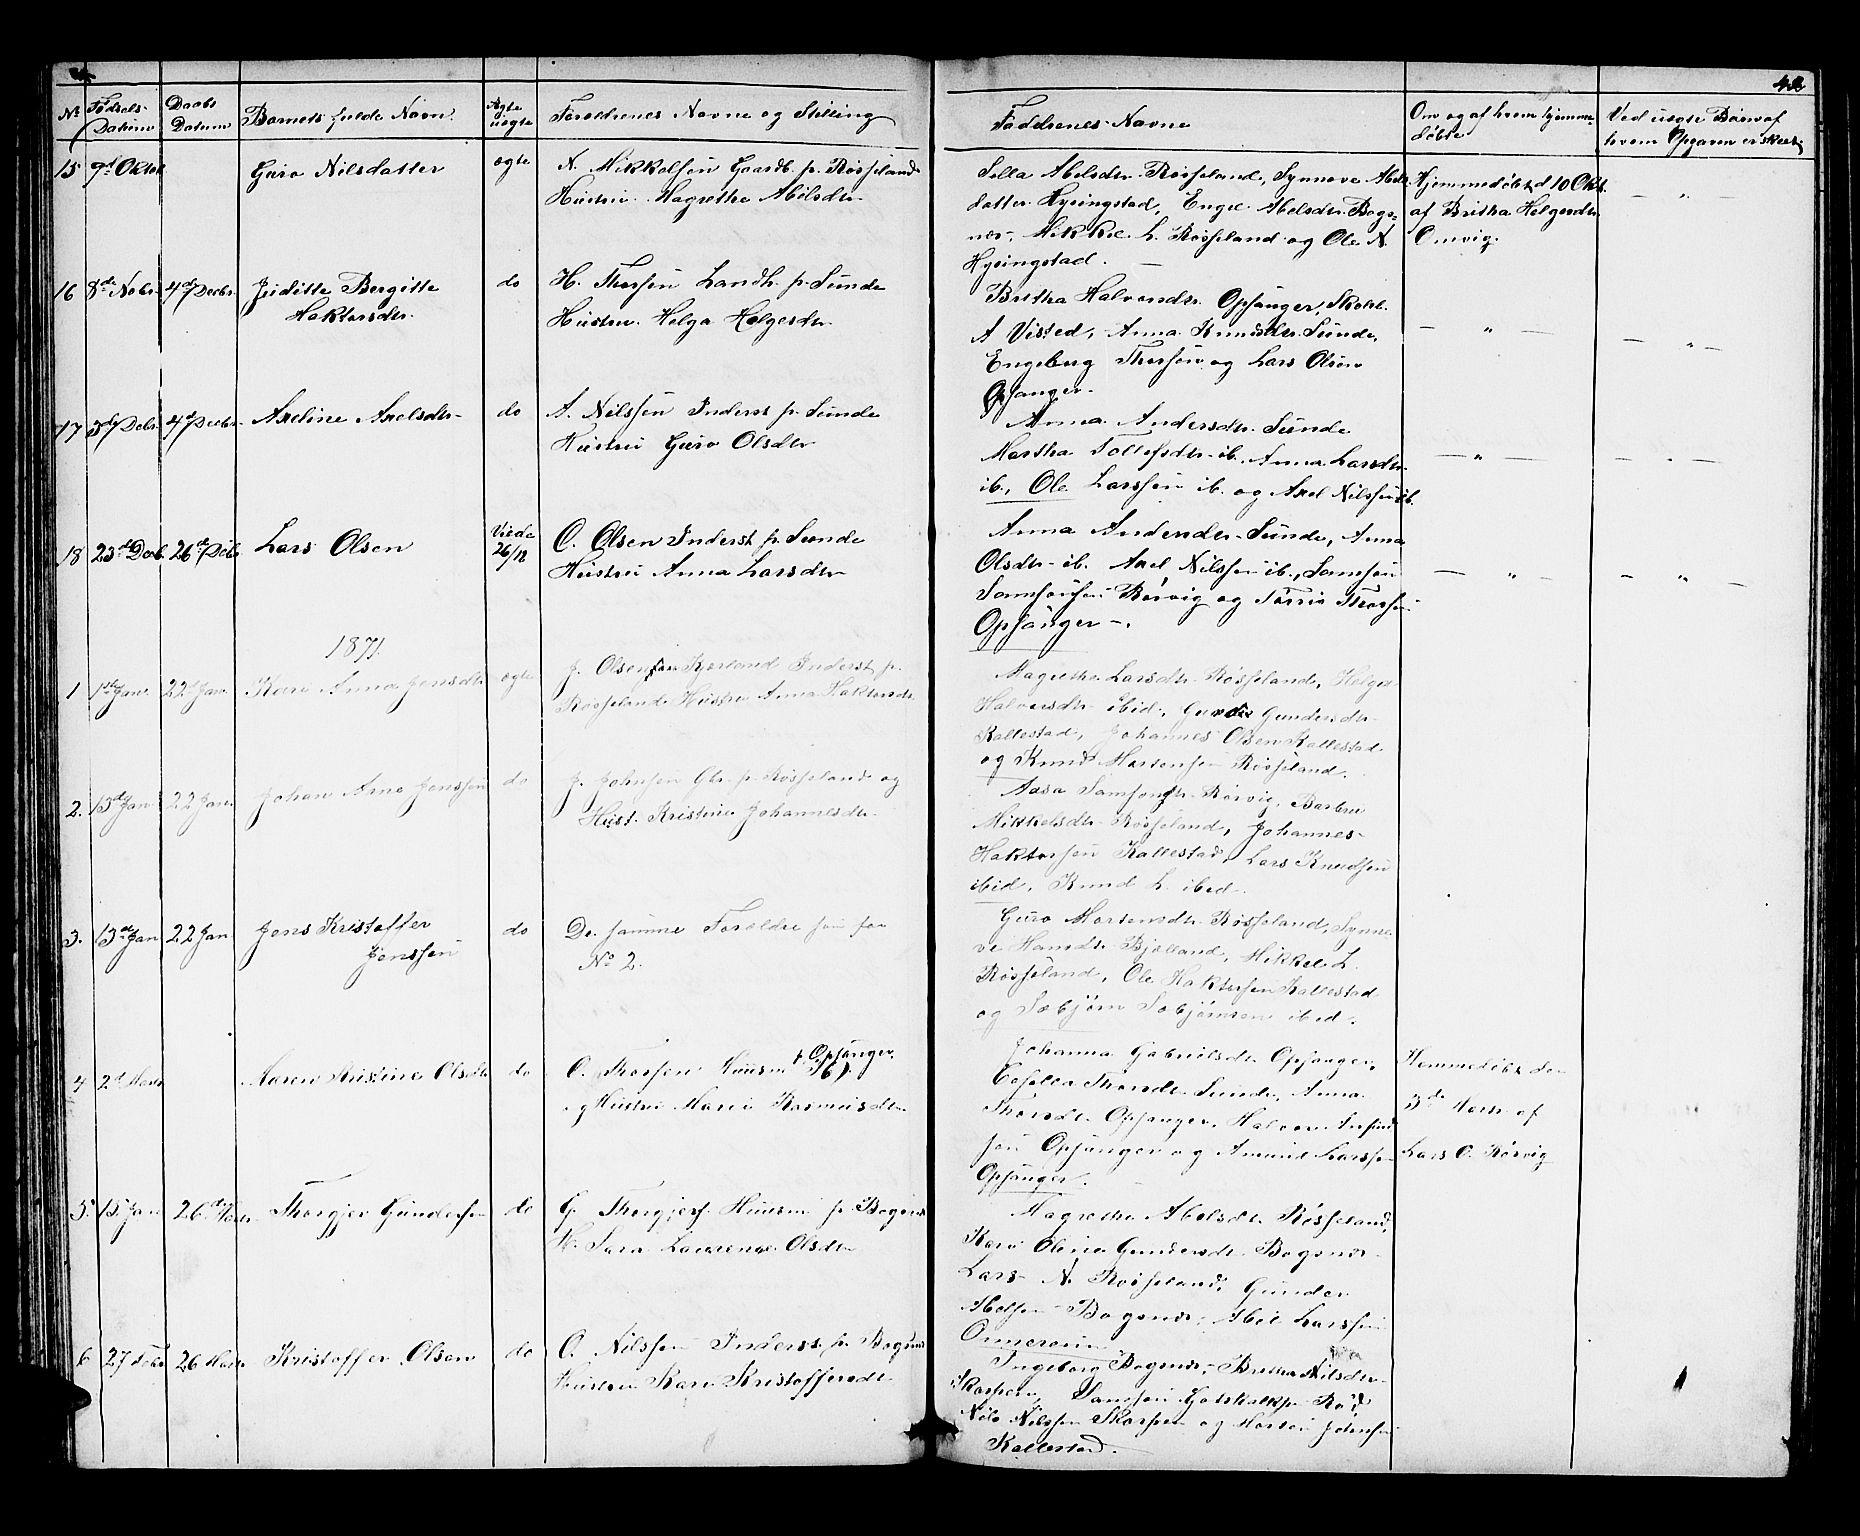 SAB, Husnes Sokneprestembete, H/Hab: Klokkerbok nr. A 1, 1856-1880, s. 42